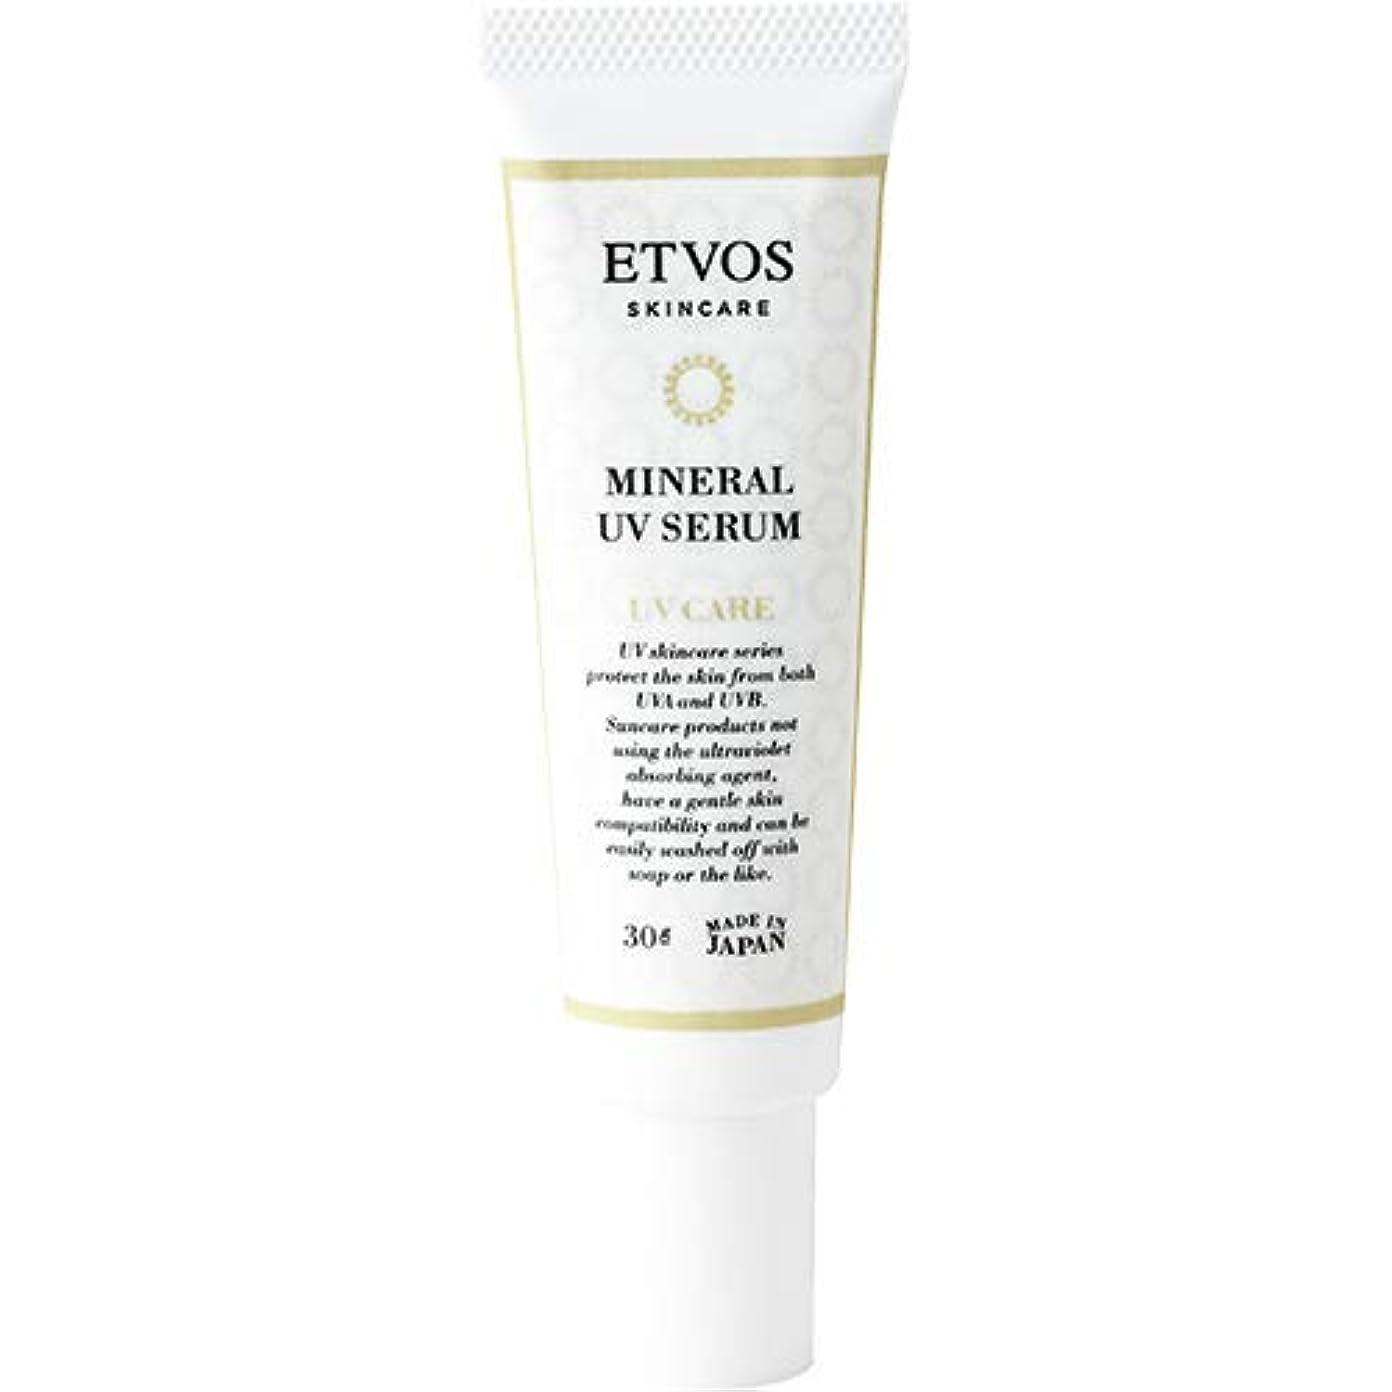 ボート海岸製油所ETVOS(エトヴォス) 日焼け止め美容液 ミネラルUVセラム SPF35/PA+++ 30g 化粧下地 紫外線吸収剤不使用